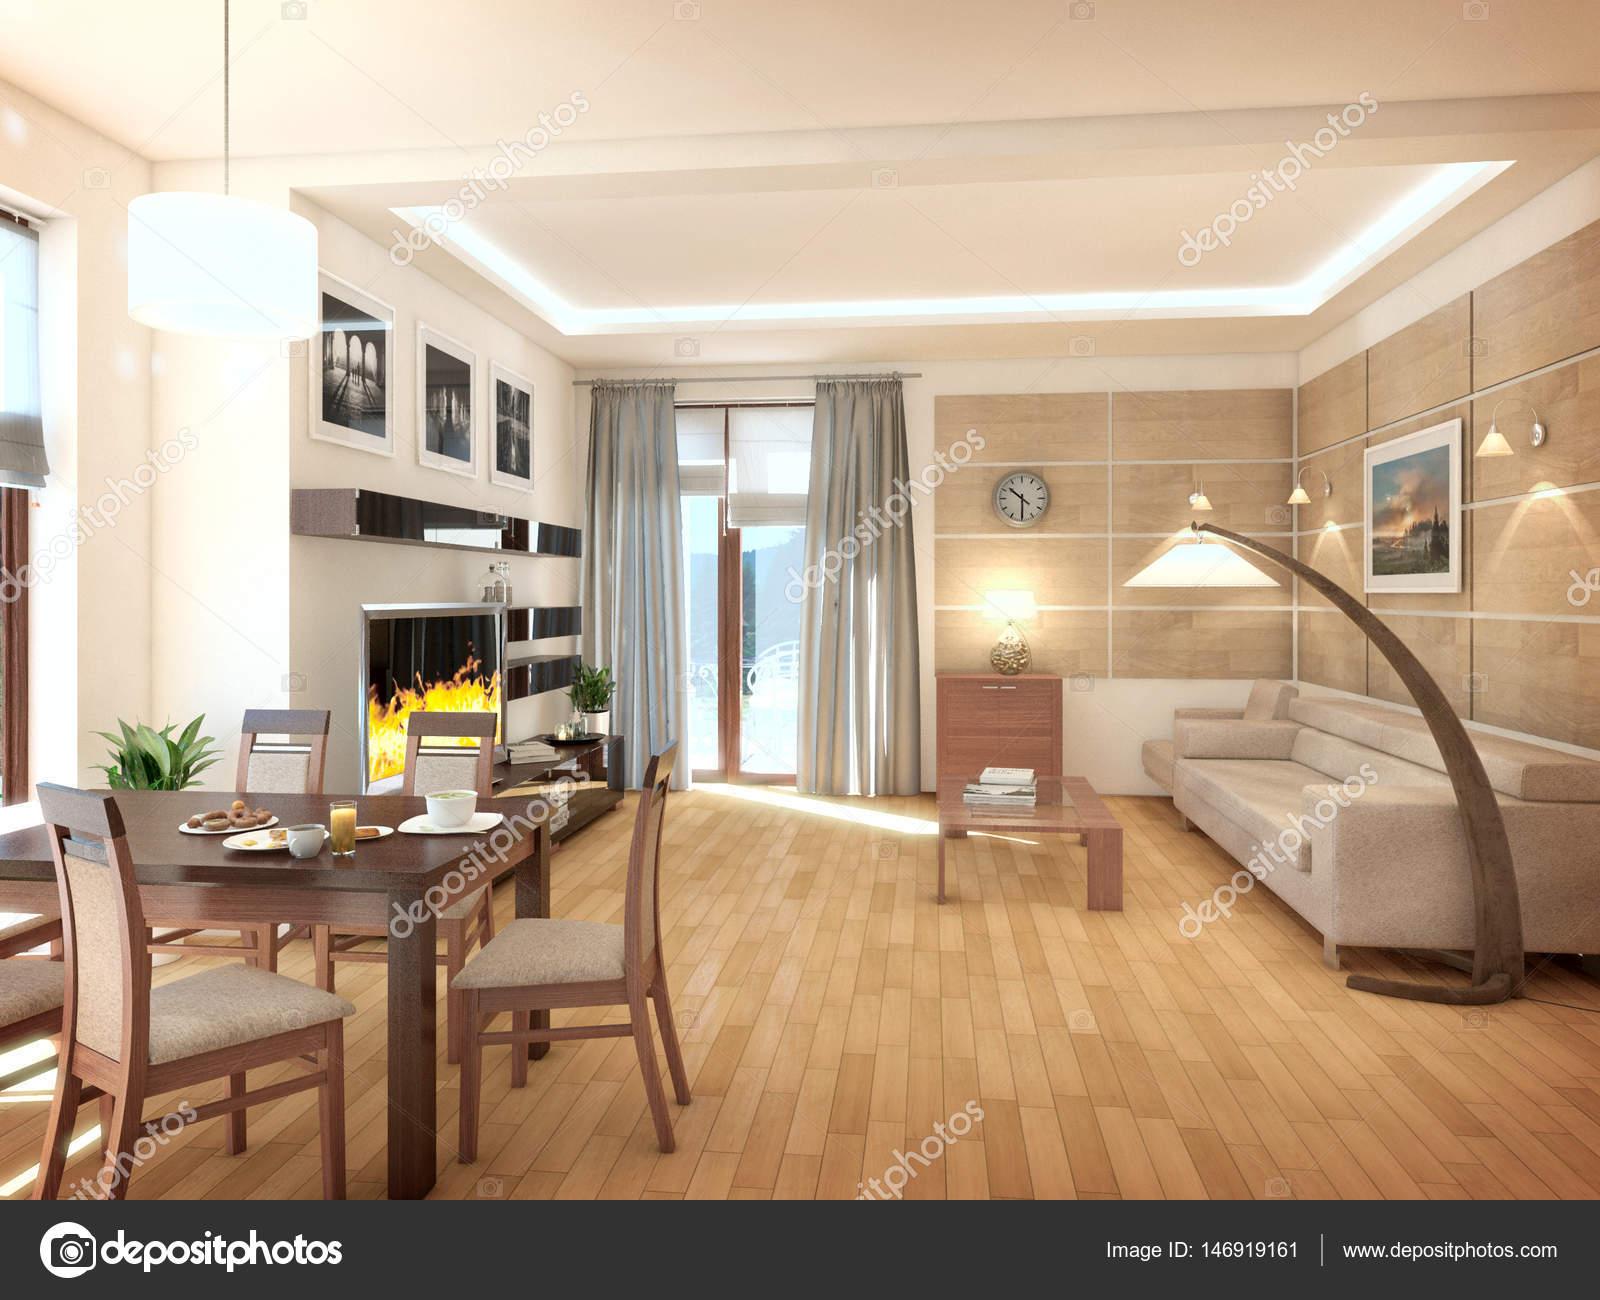 Modernes Design Innenraum Wohnzimmer. 3d Render U2014 Stockfoto